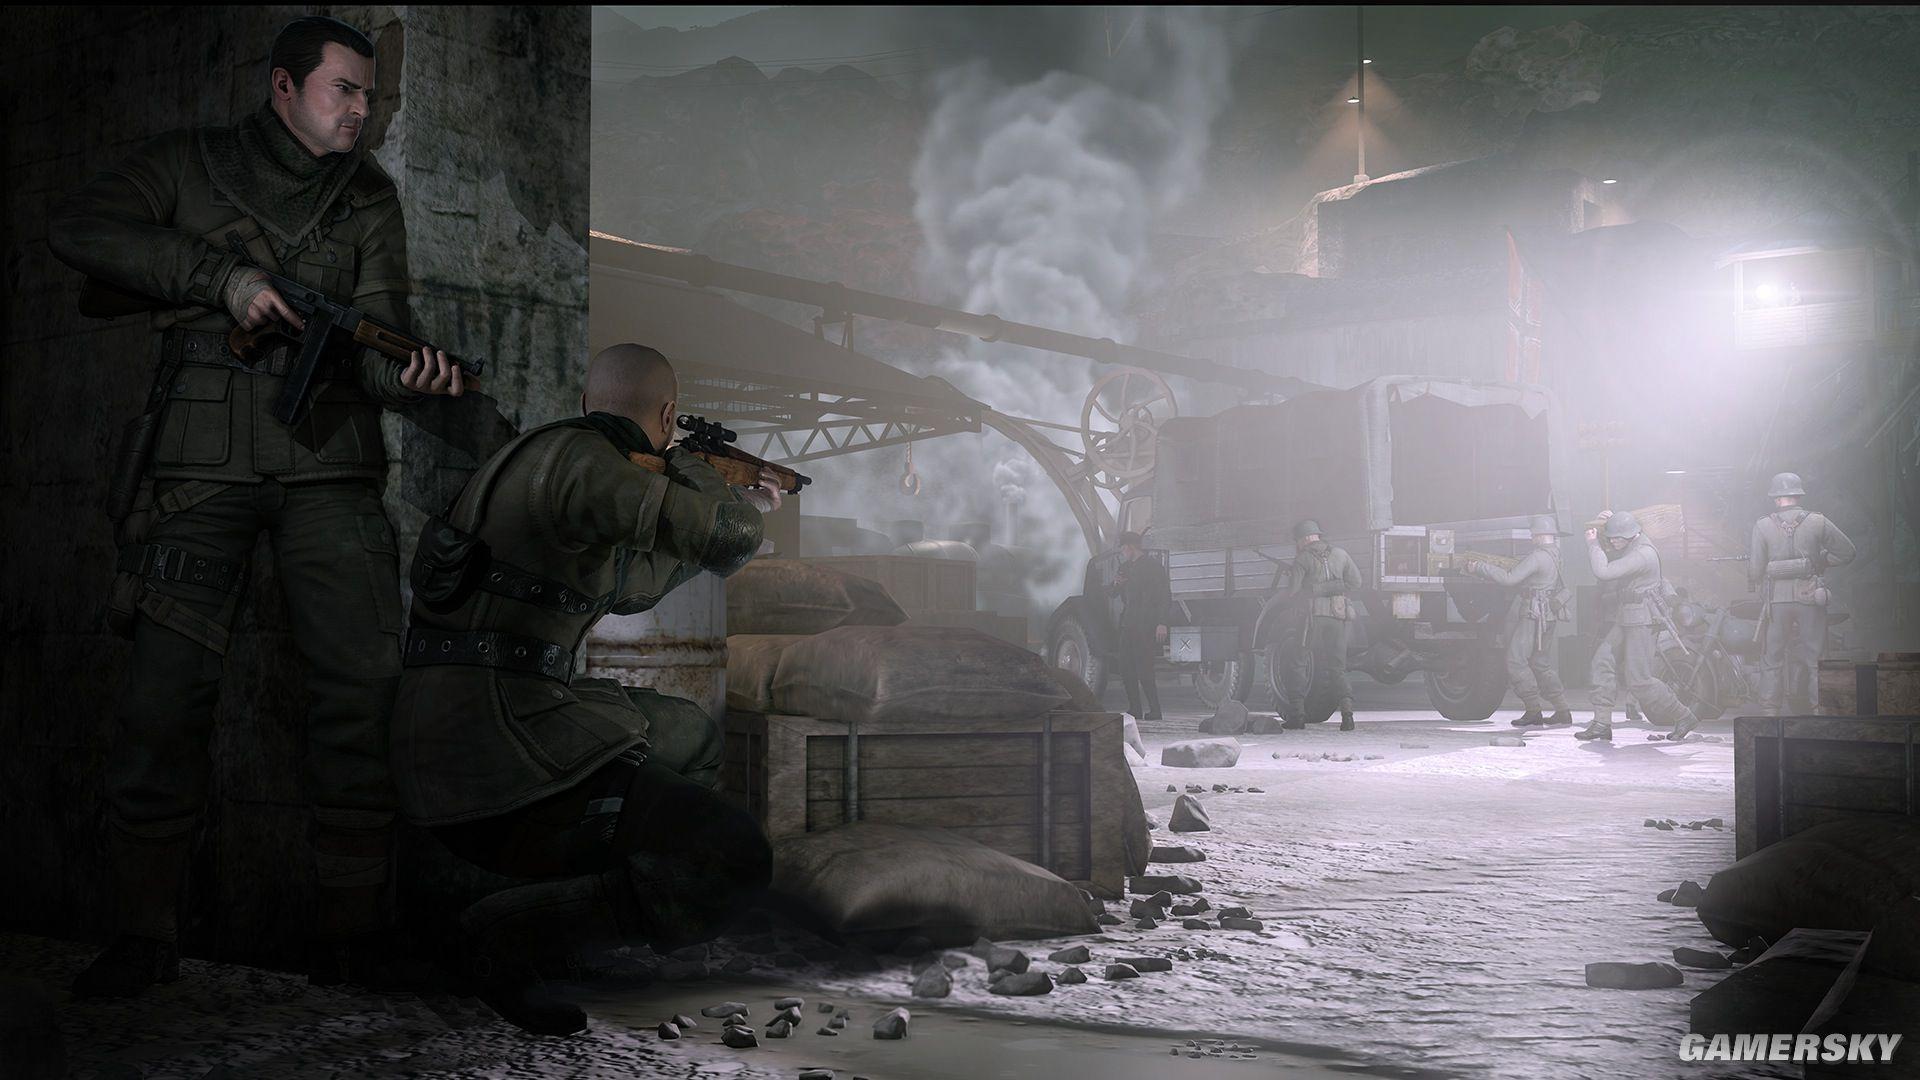 【单机游戏下载】PC正版steam二战游戏 狙击精英V2 云盘免安装中文版